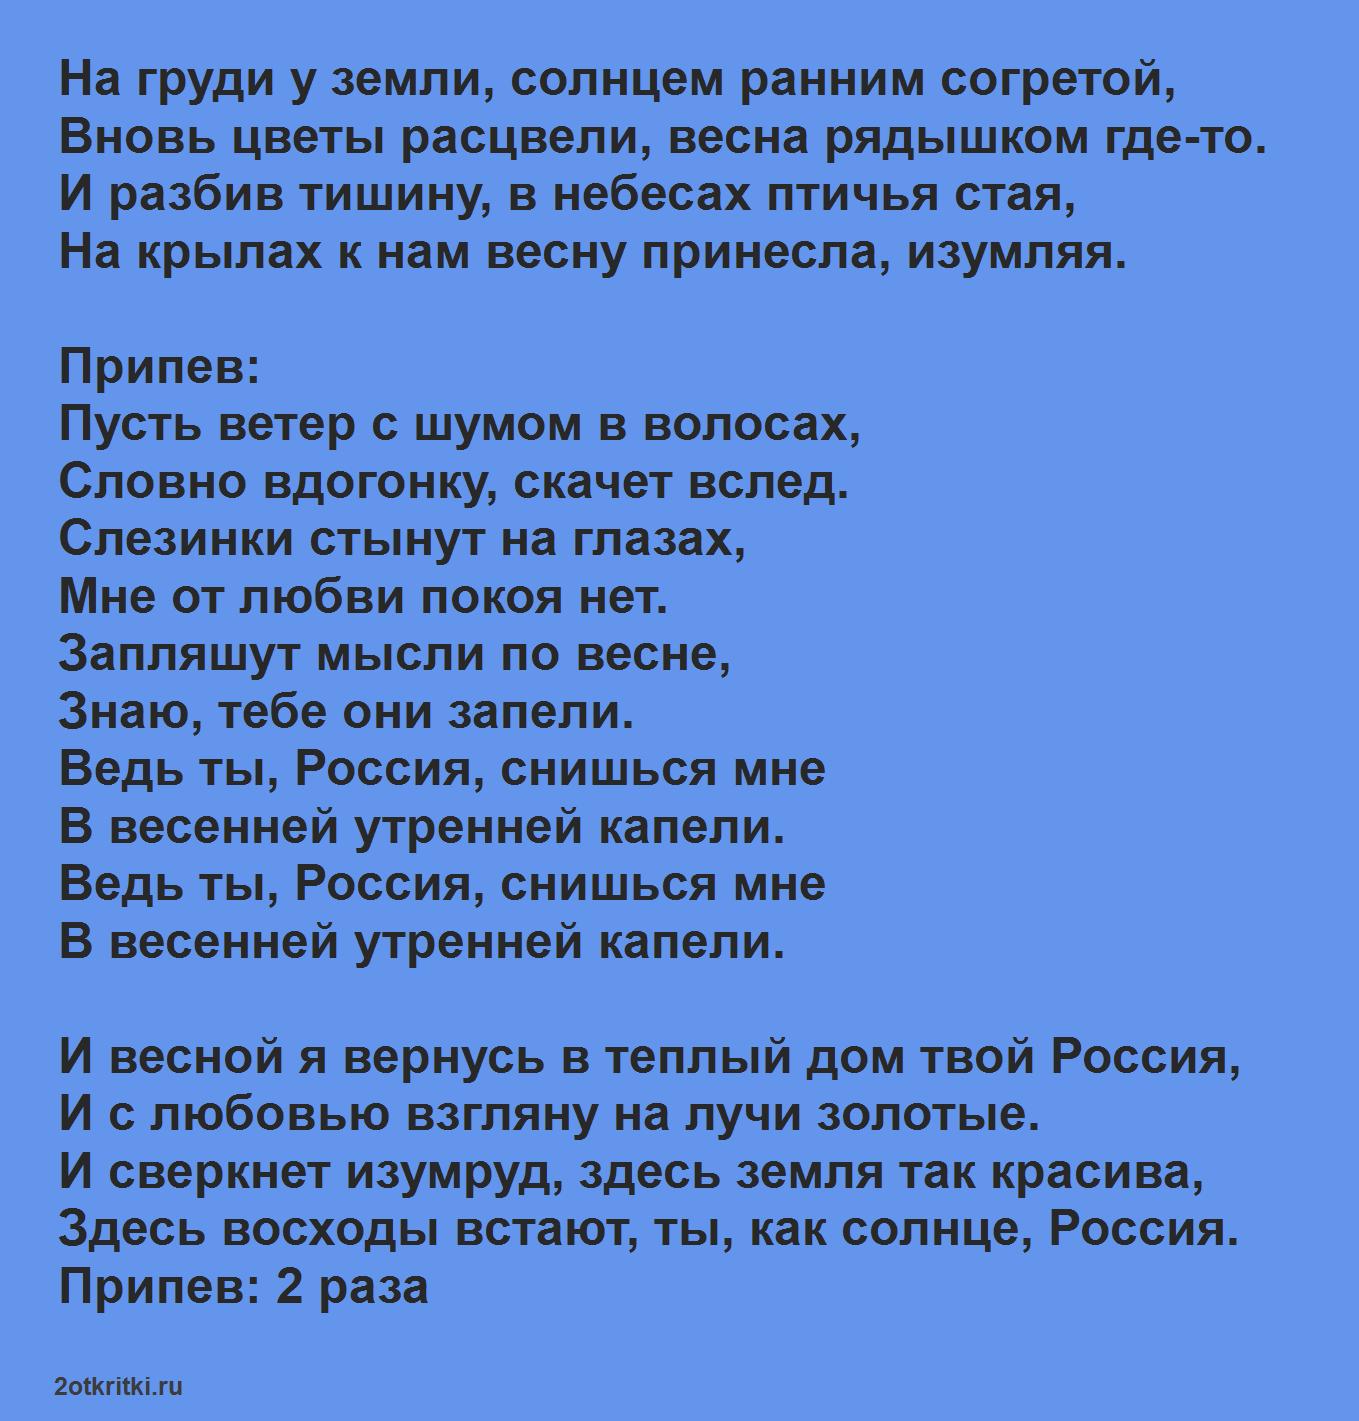 Песни на день России - Россия снишься мне